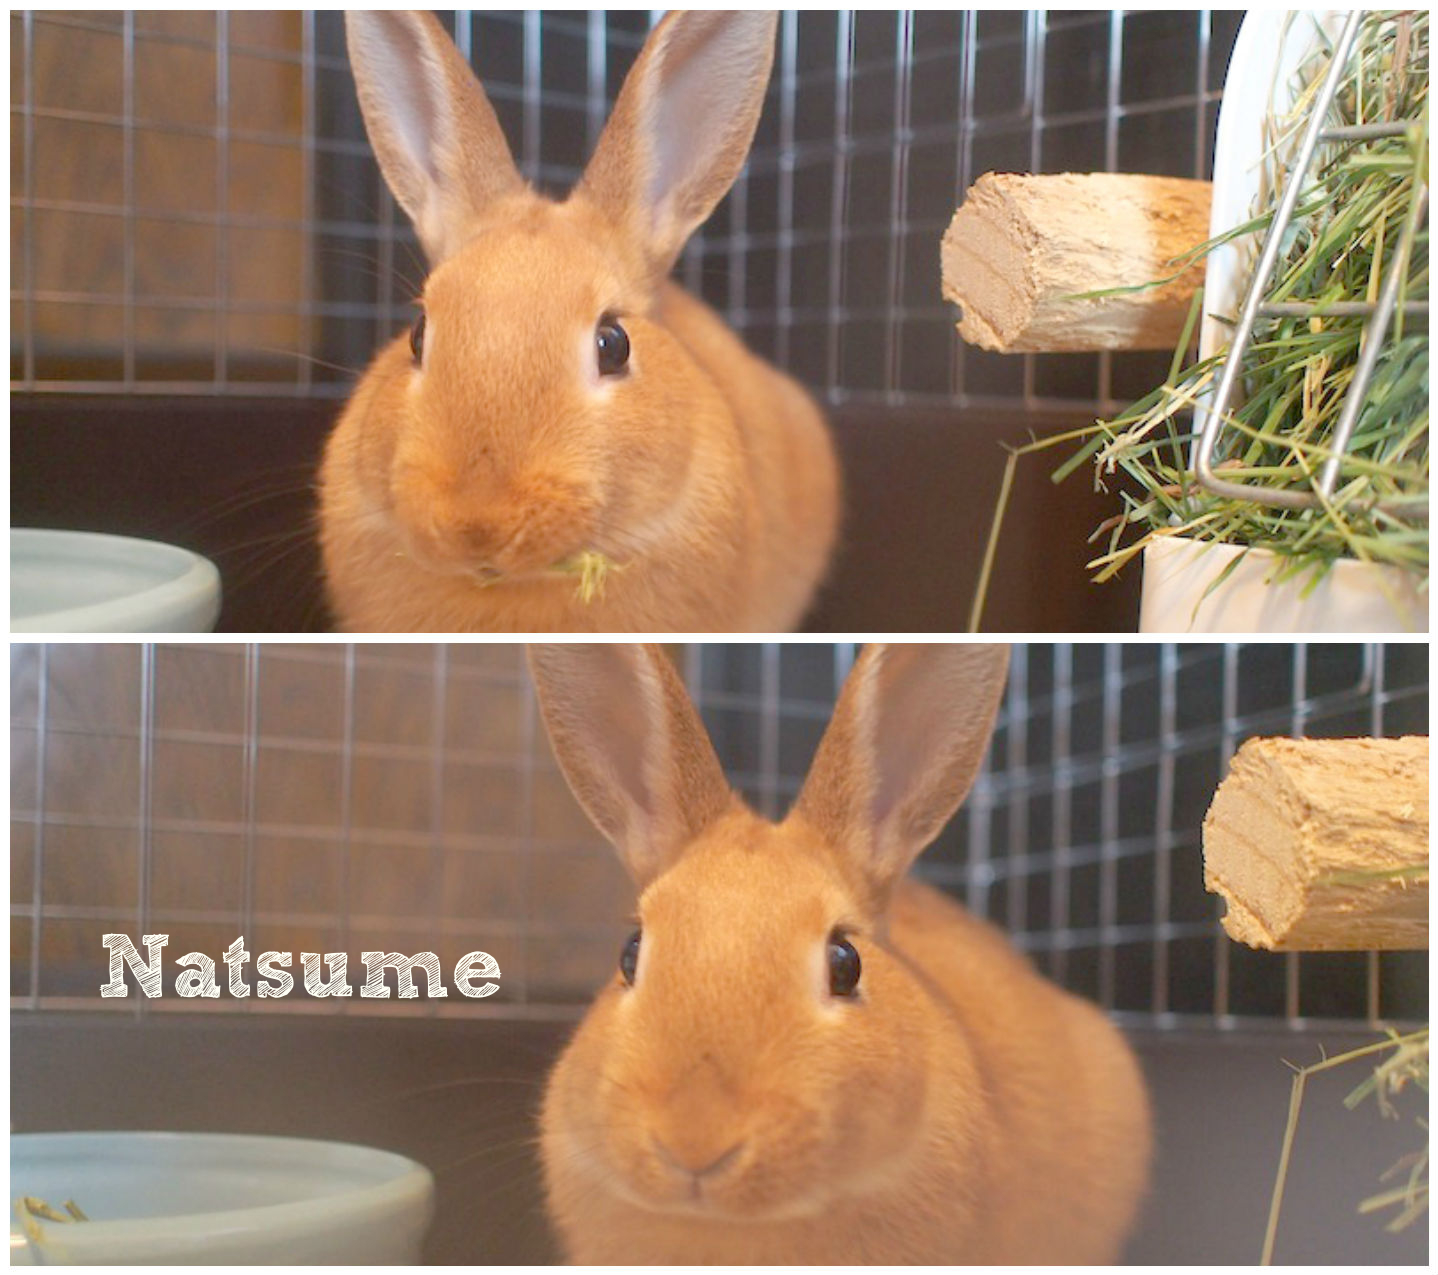 natsumeFotorCreated.jpg